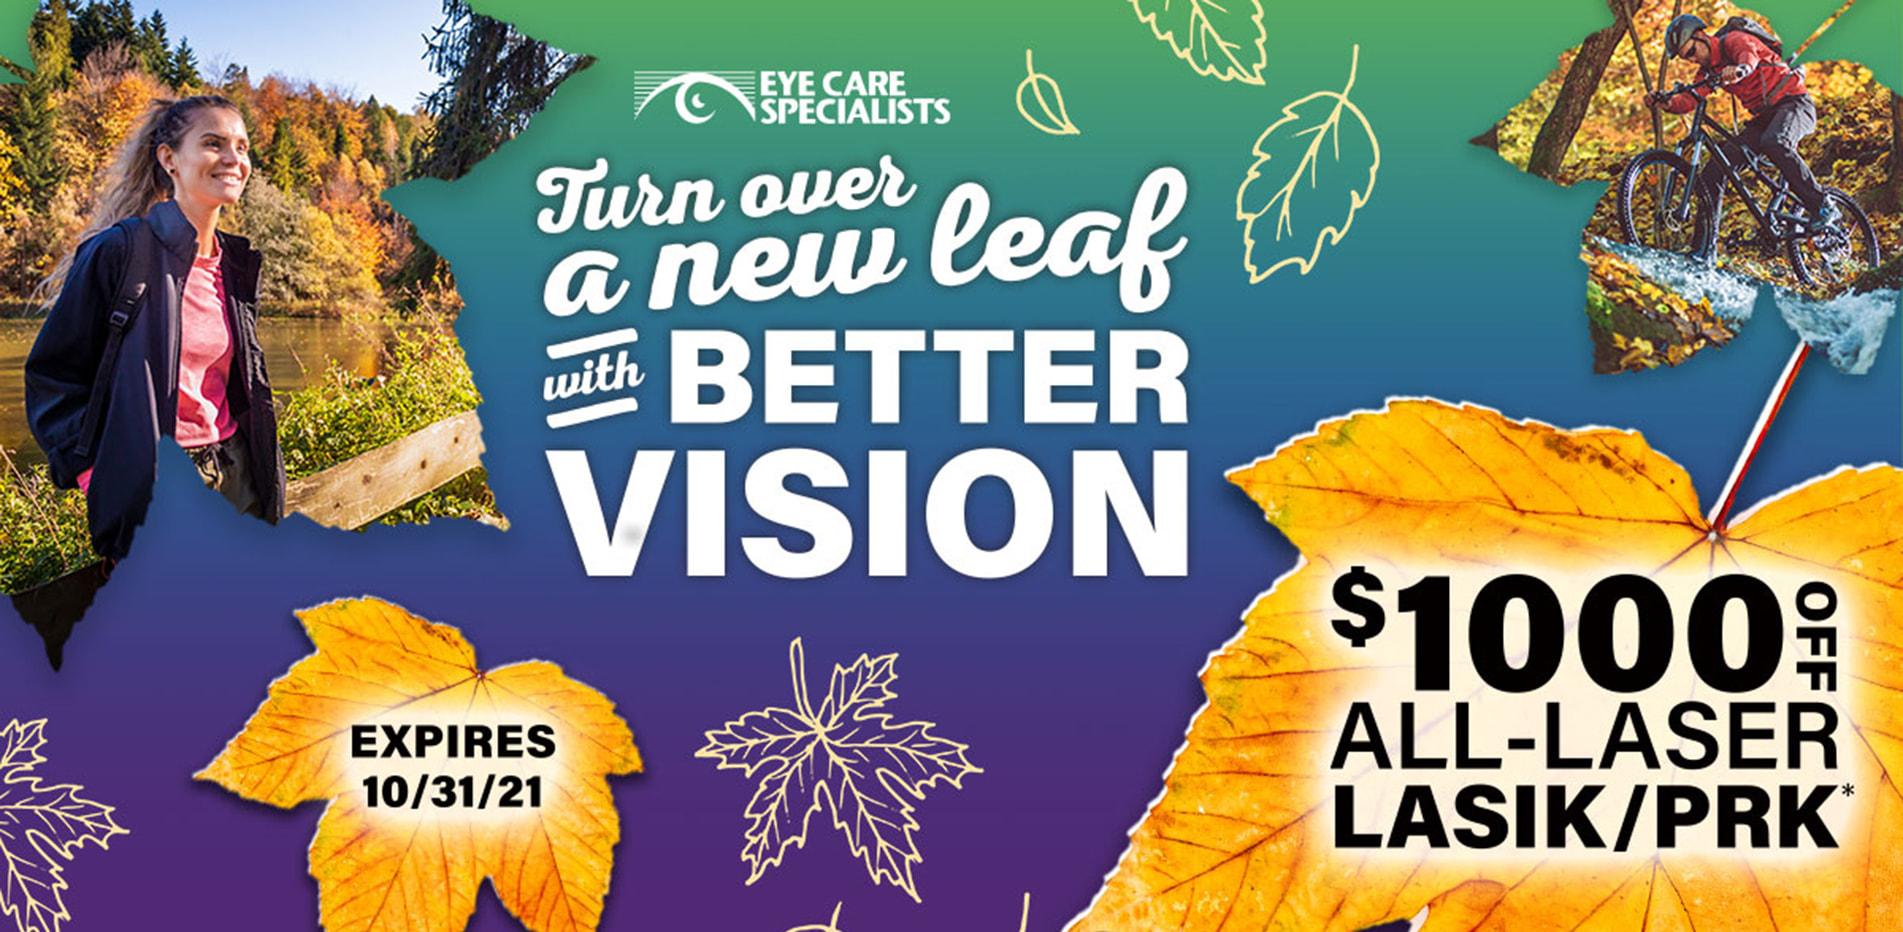 LASIK! $1000 Off All-Laser LASIK/PRK*